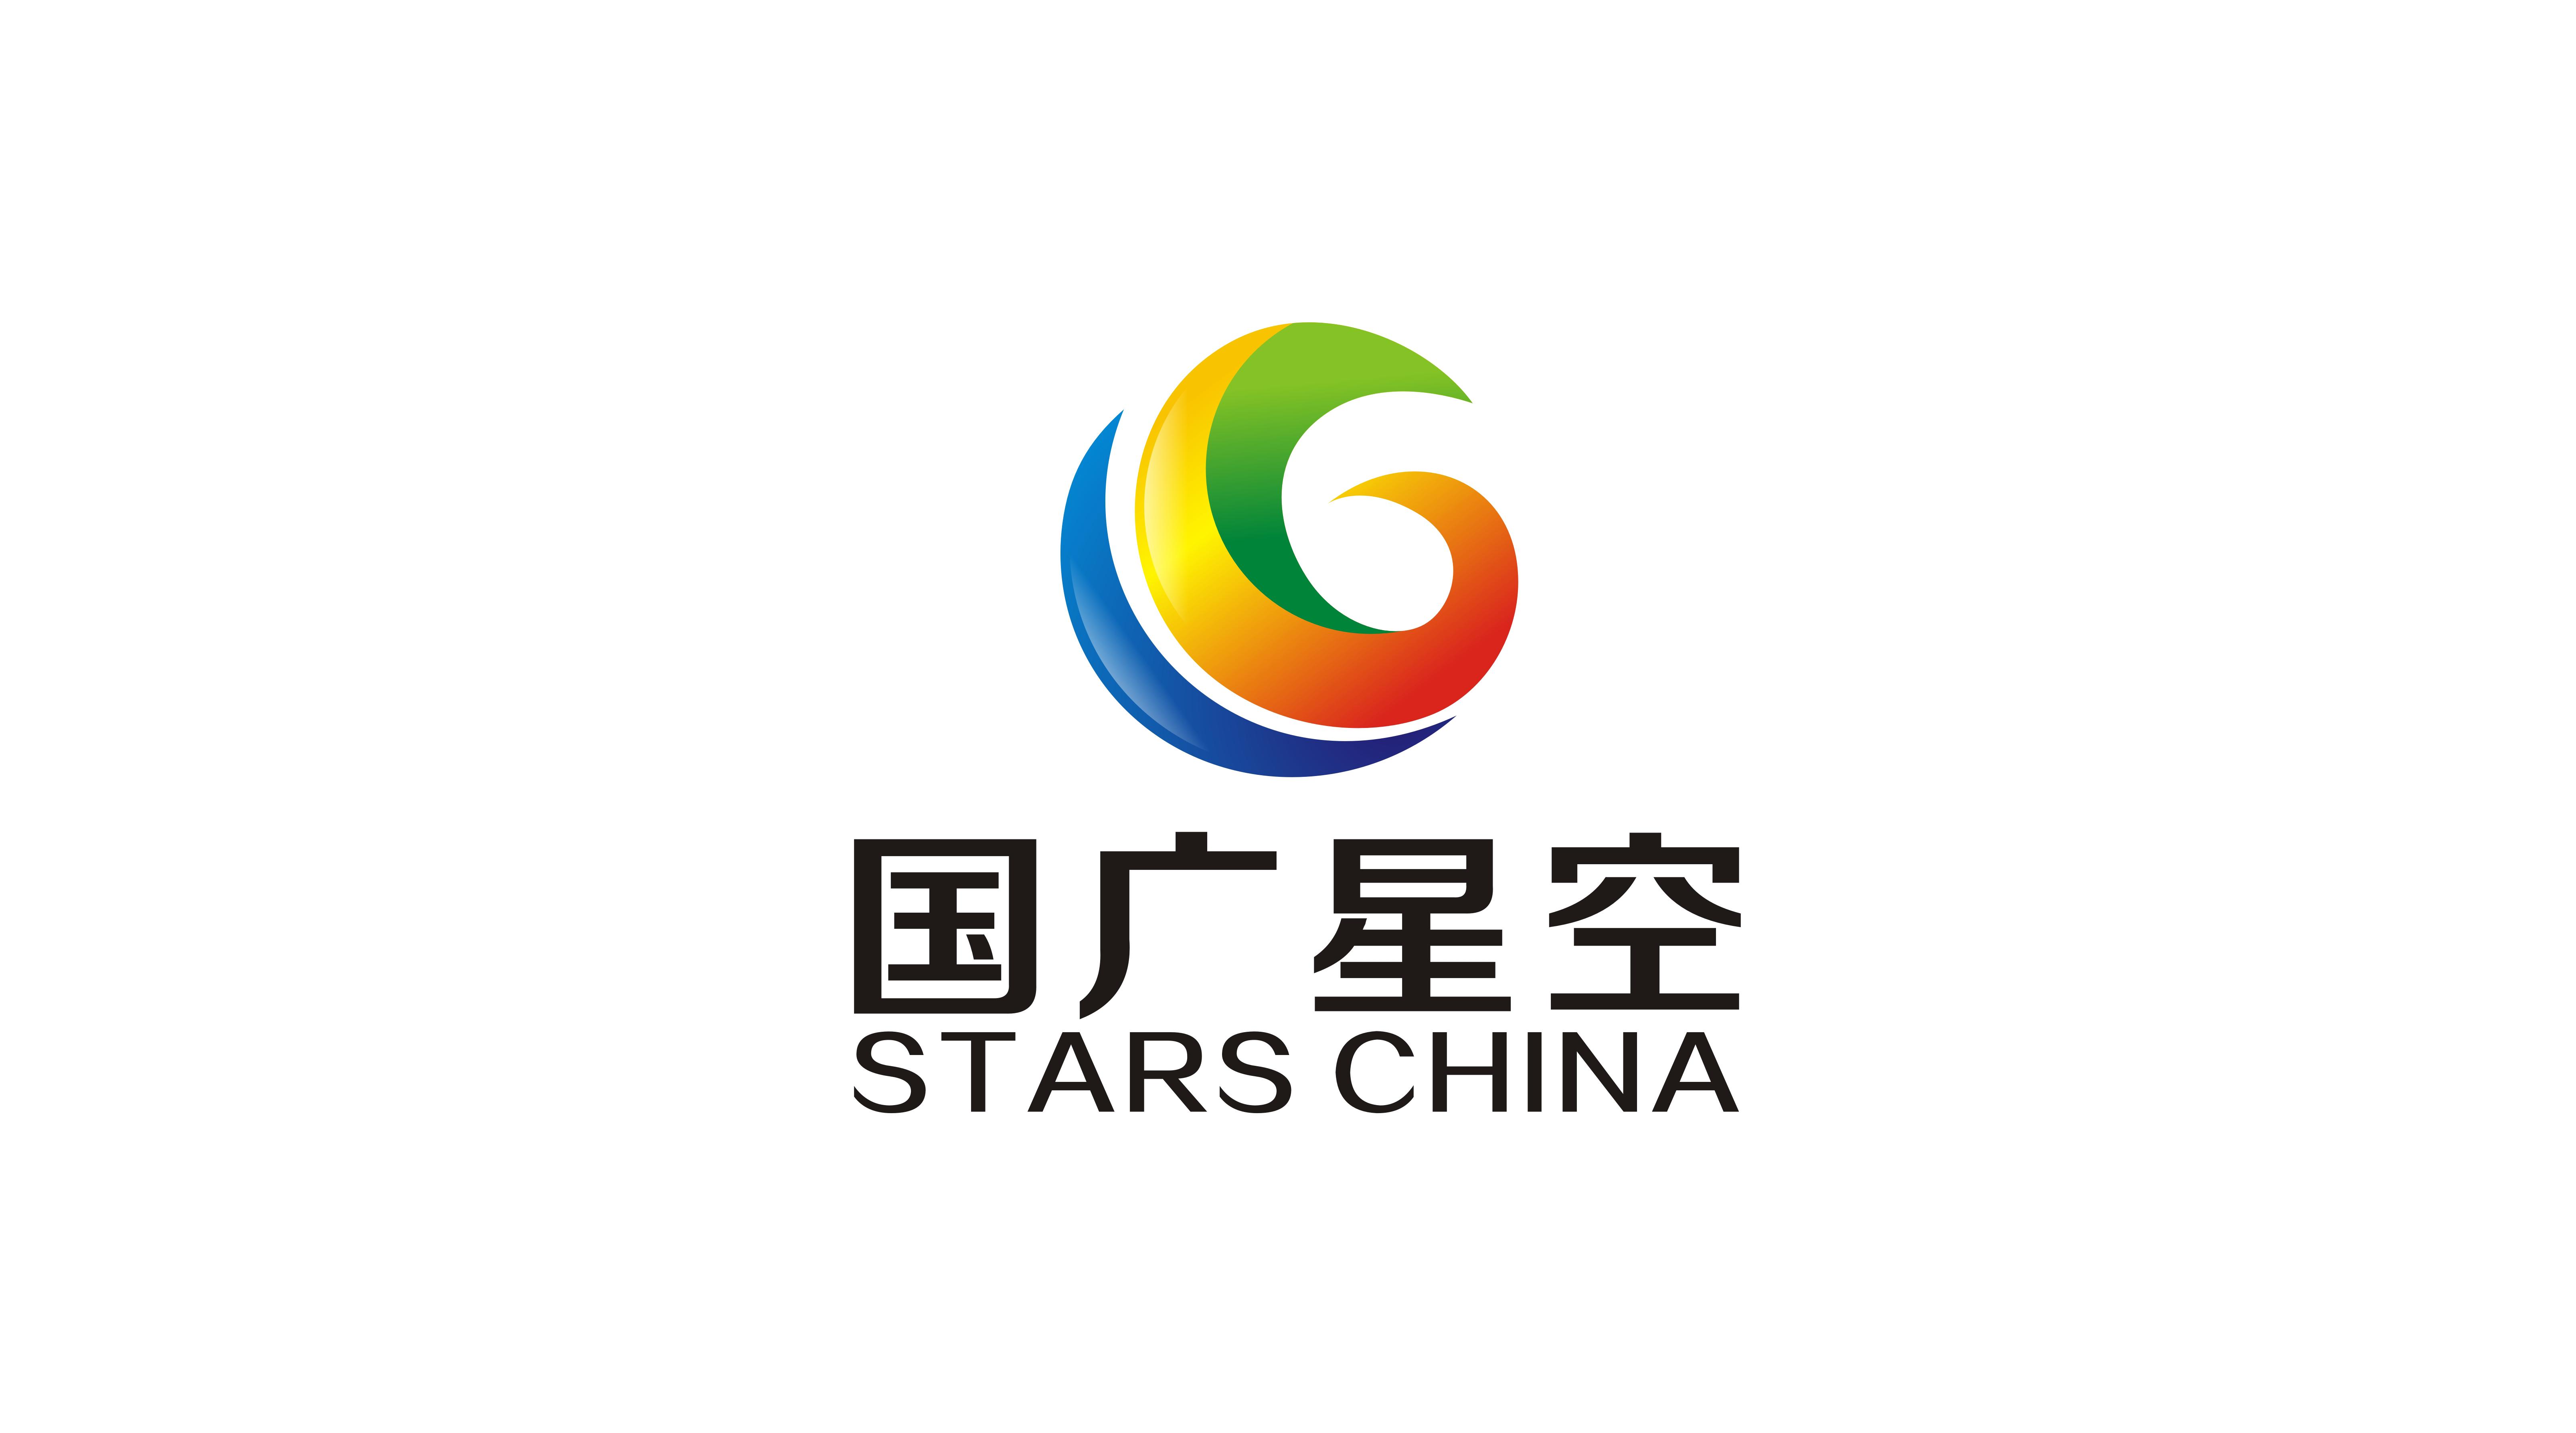 国广星空视频科技(北京)有限公司